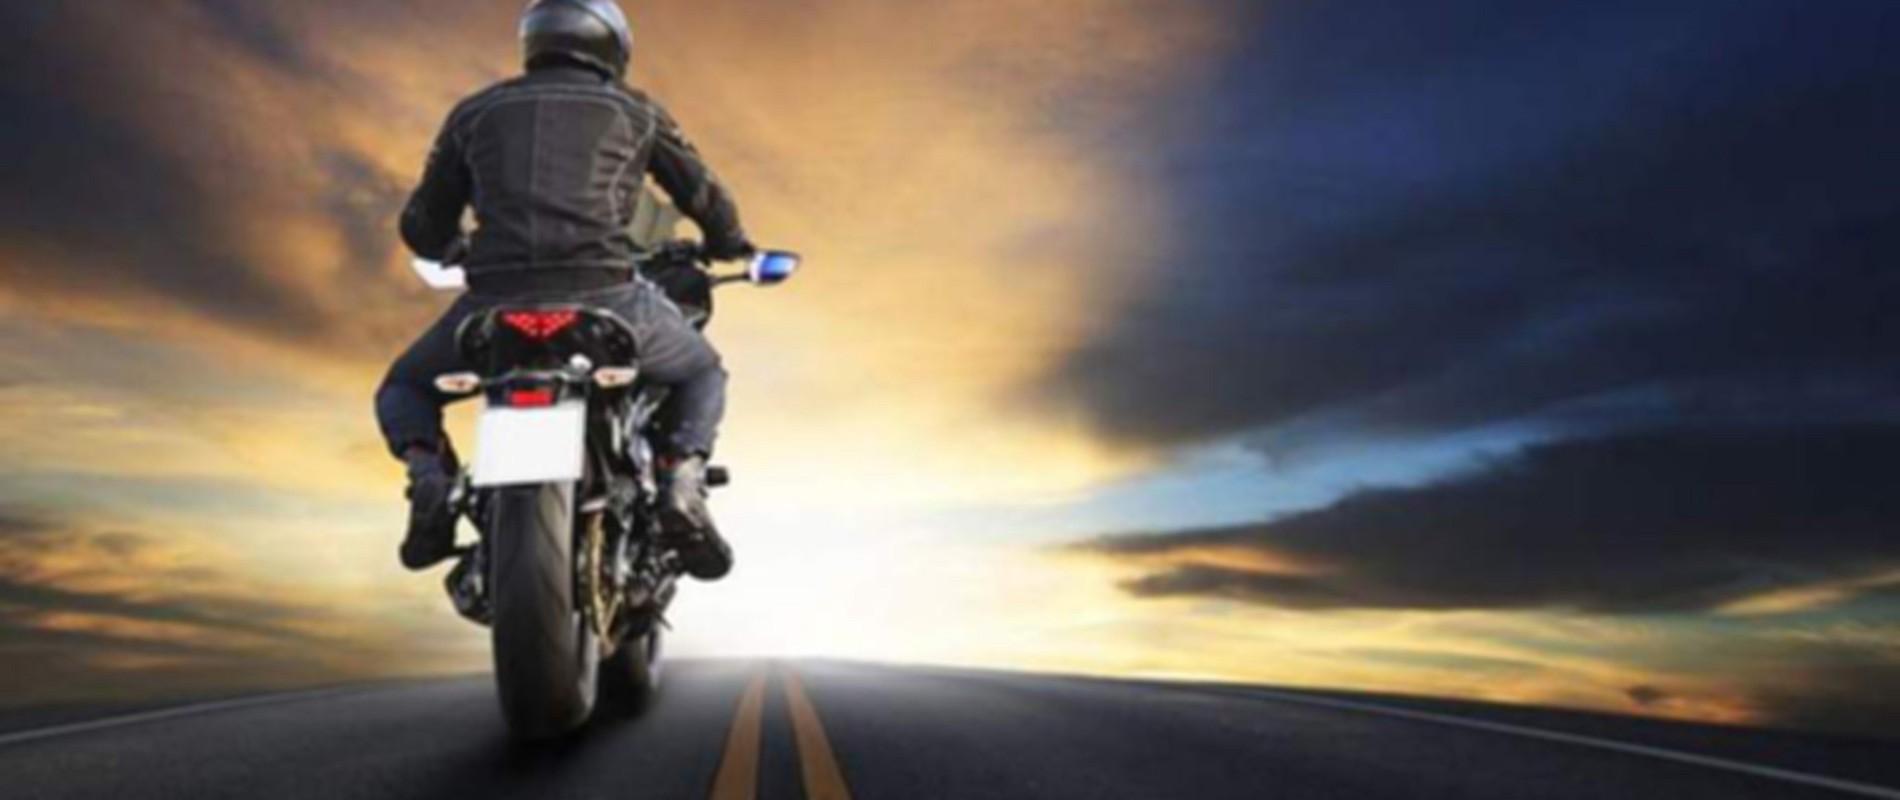 moto não passa dos 80 km/h